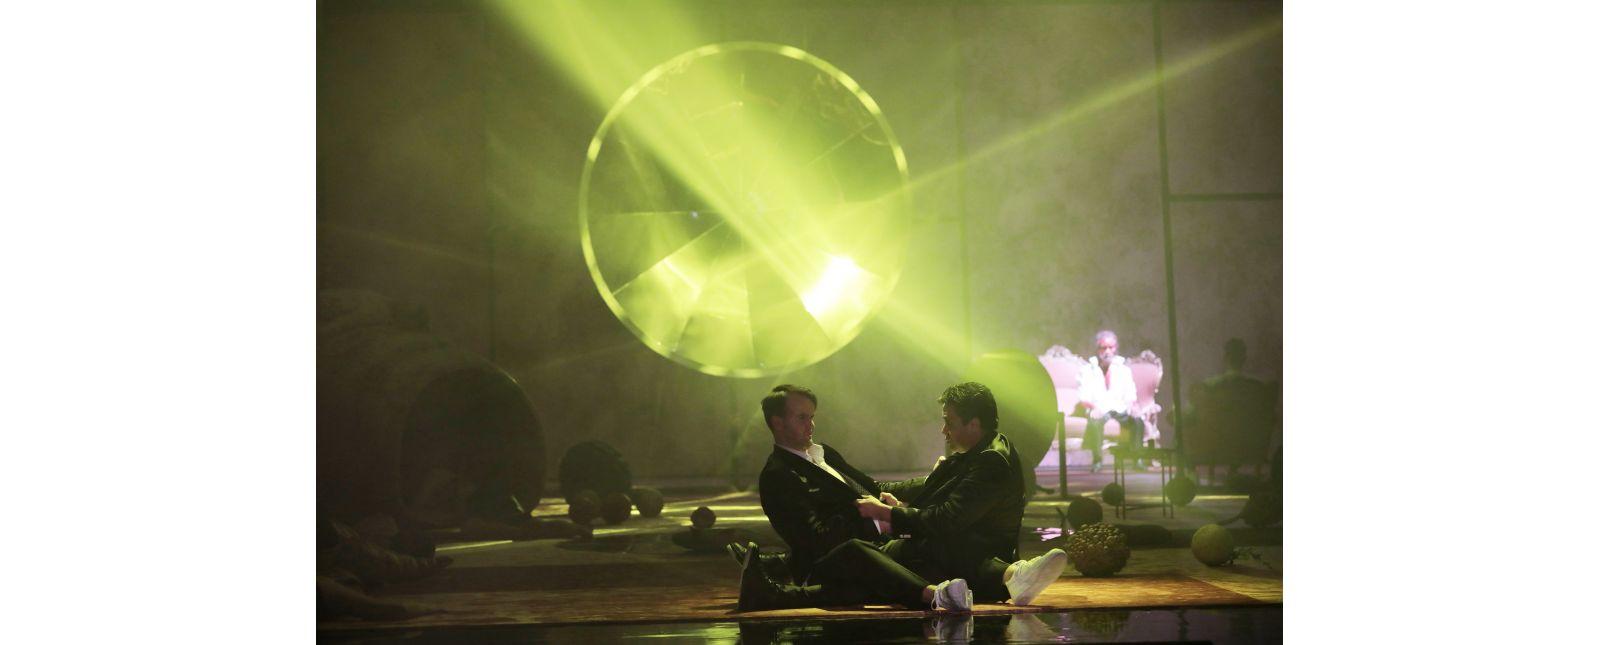 Don Giovanni // Michael Borth // Juan Orozco // Tänzer_innen //  2019 // Foto: Paul Leclaire